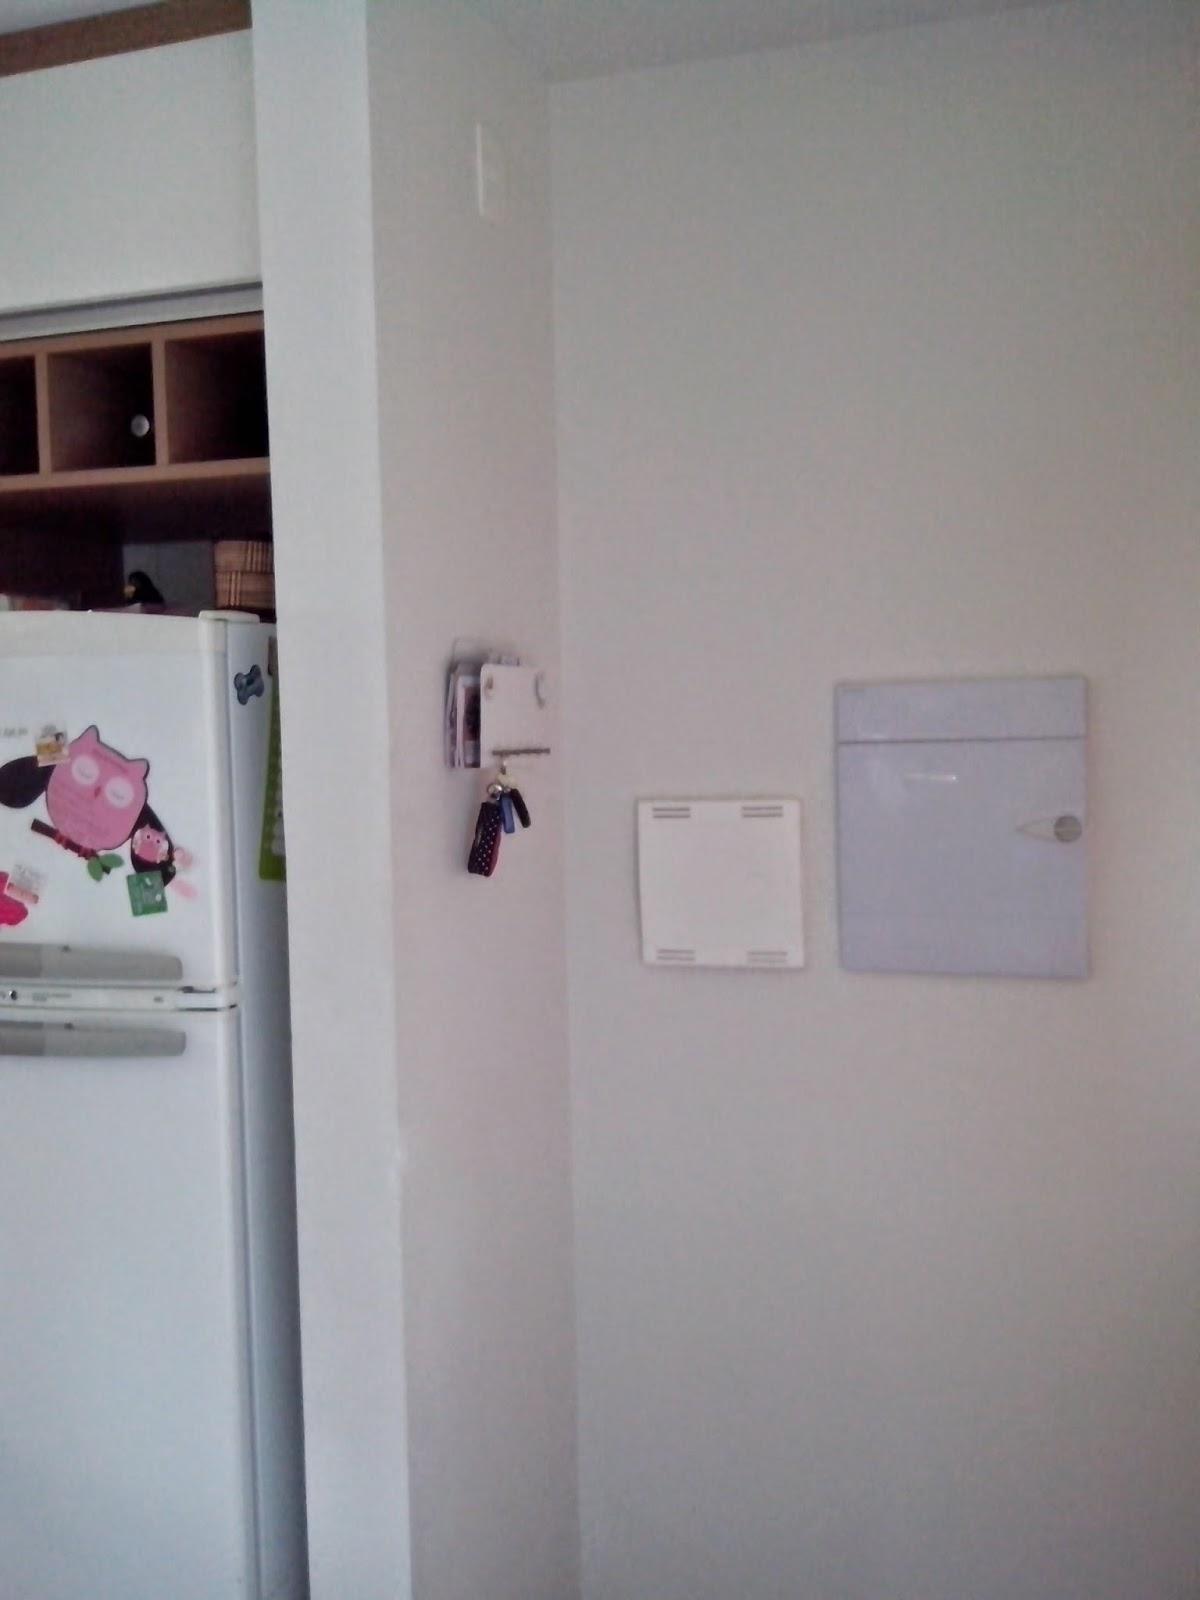 Reforma do meu apê: Papel de parede e espelhos #28191C 1200 1600